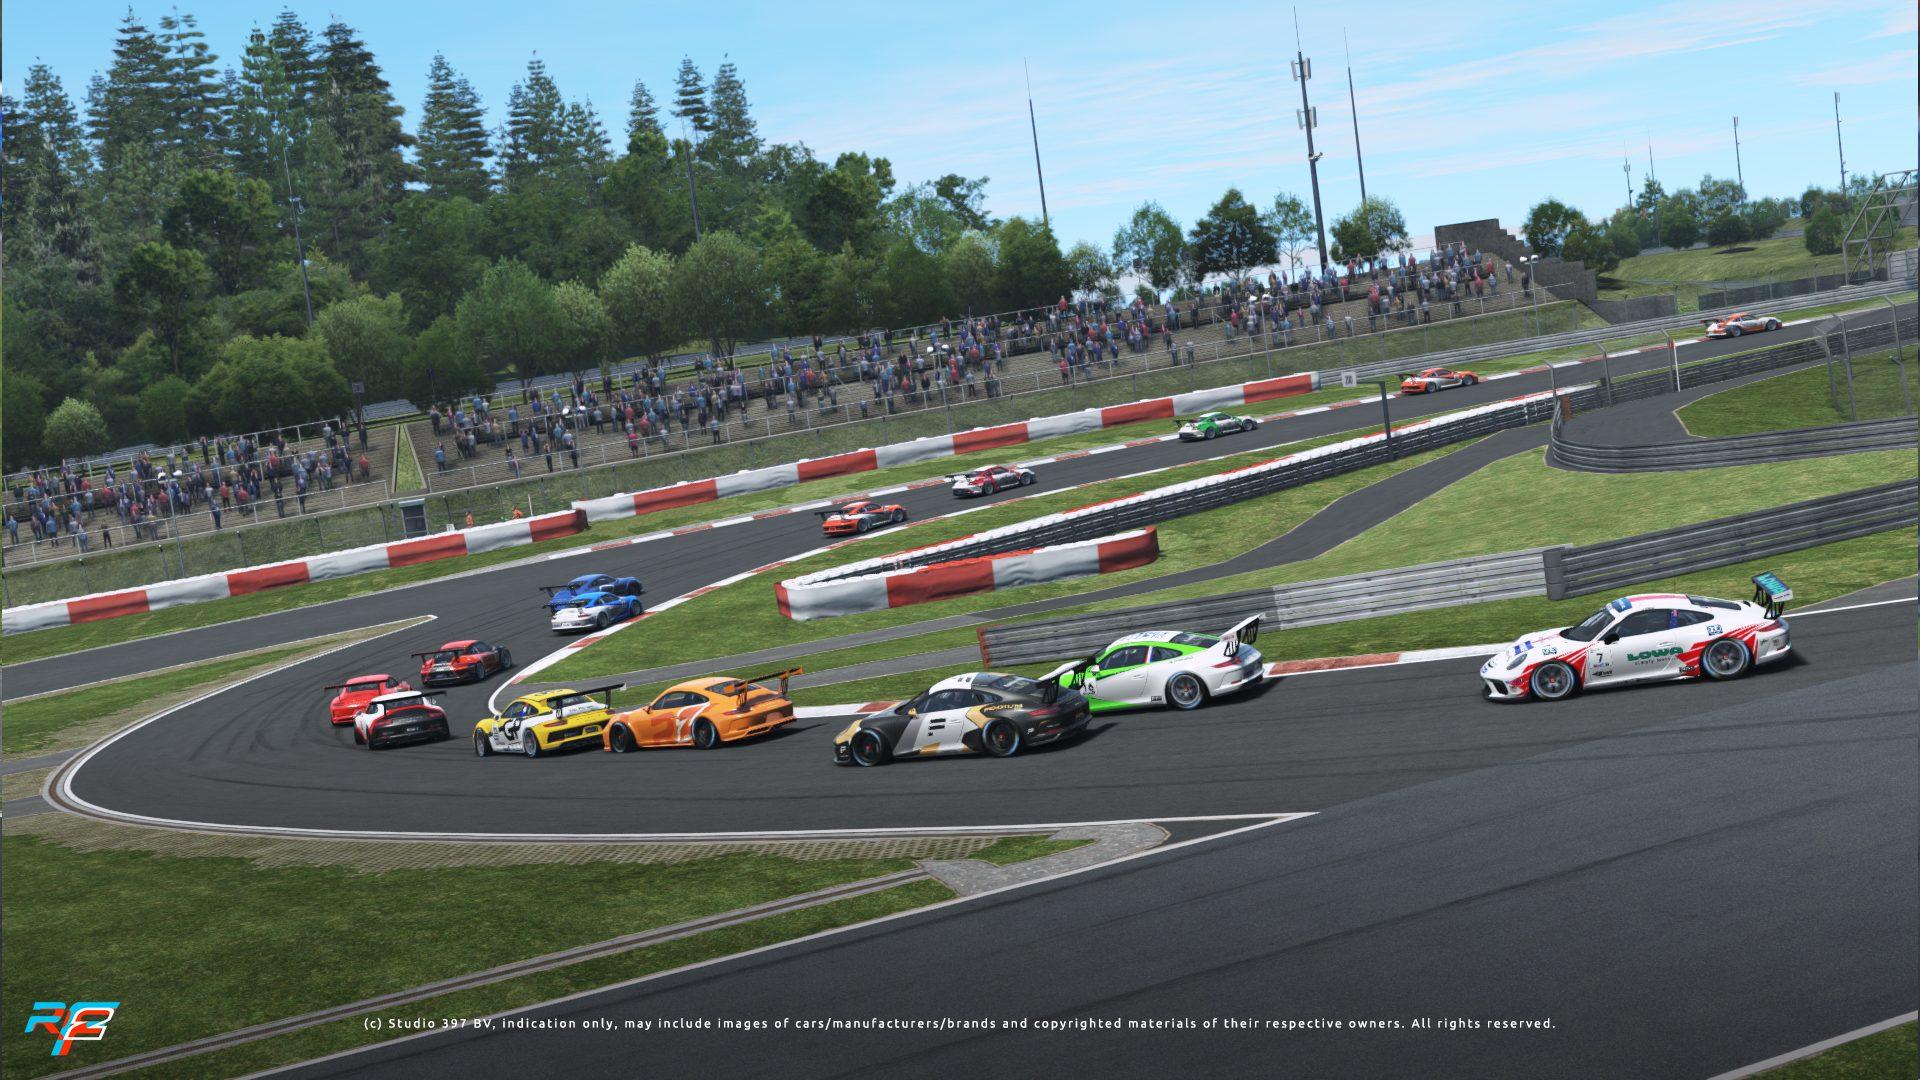 nurburgring_sprint_03-1920x1080.jpg